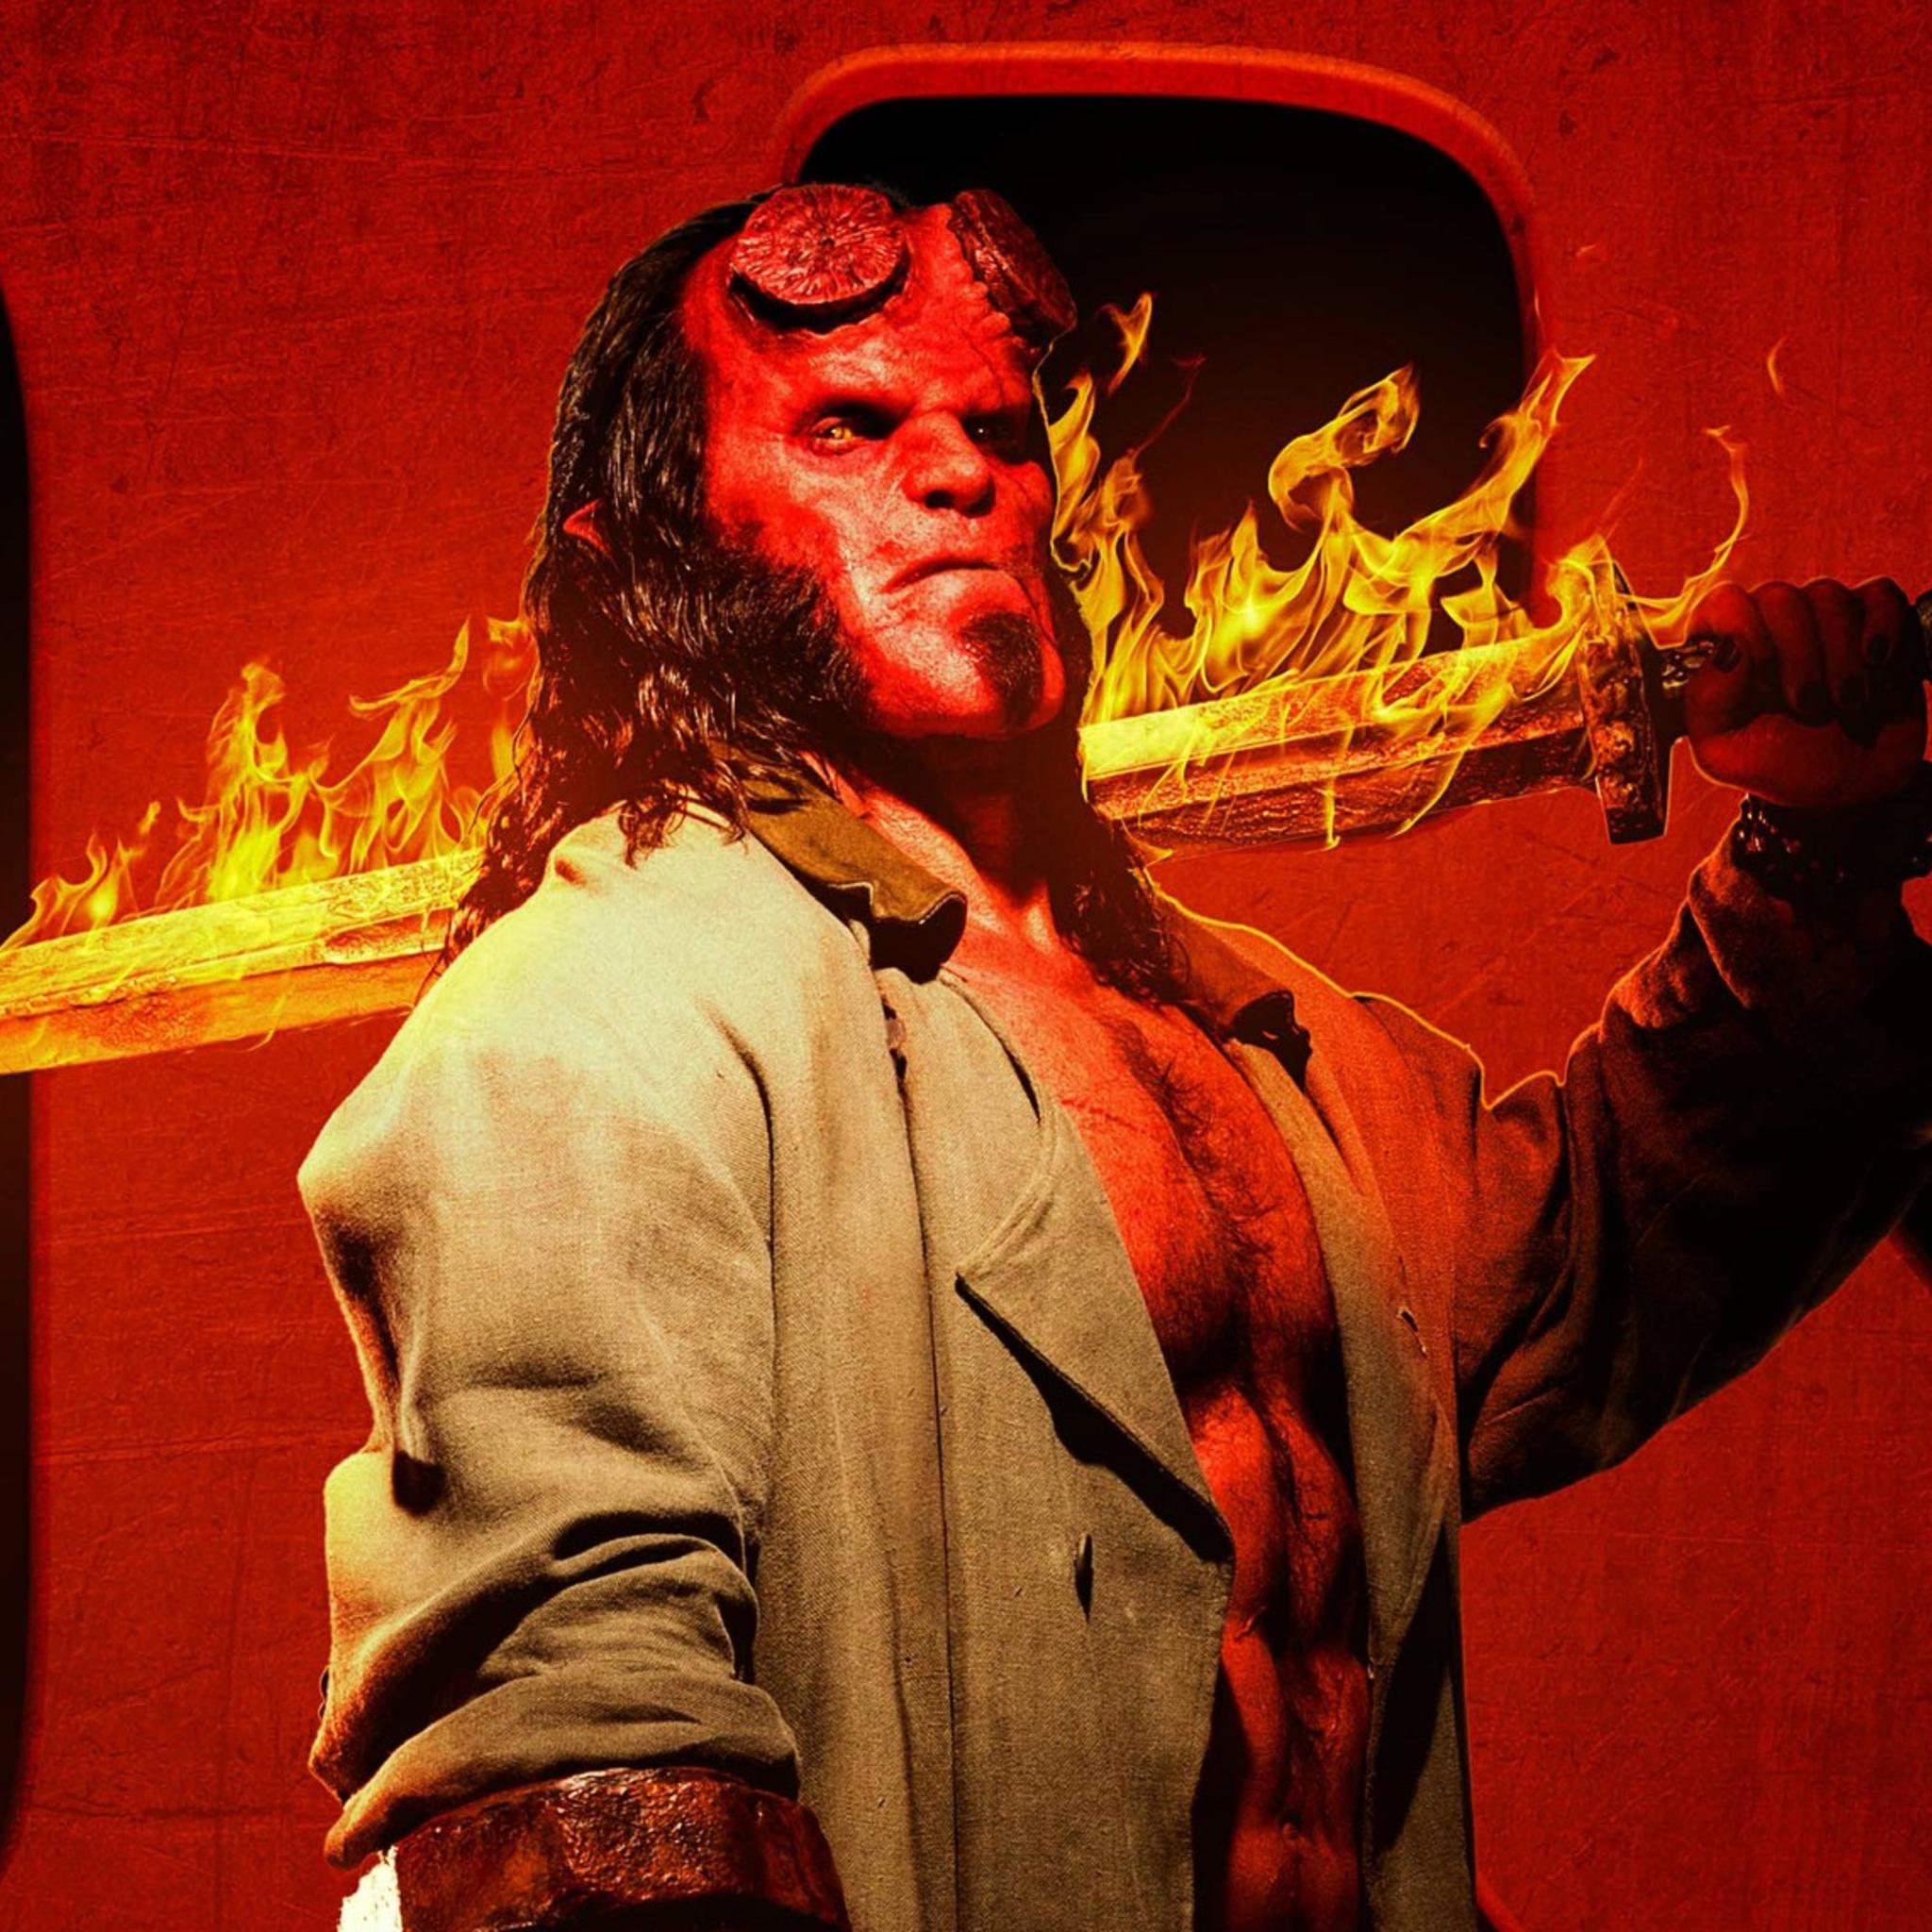 hellboy-2019-r-rated-4i.jpg